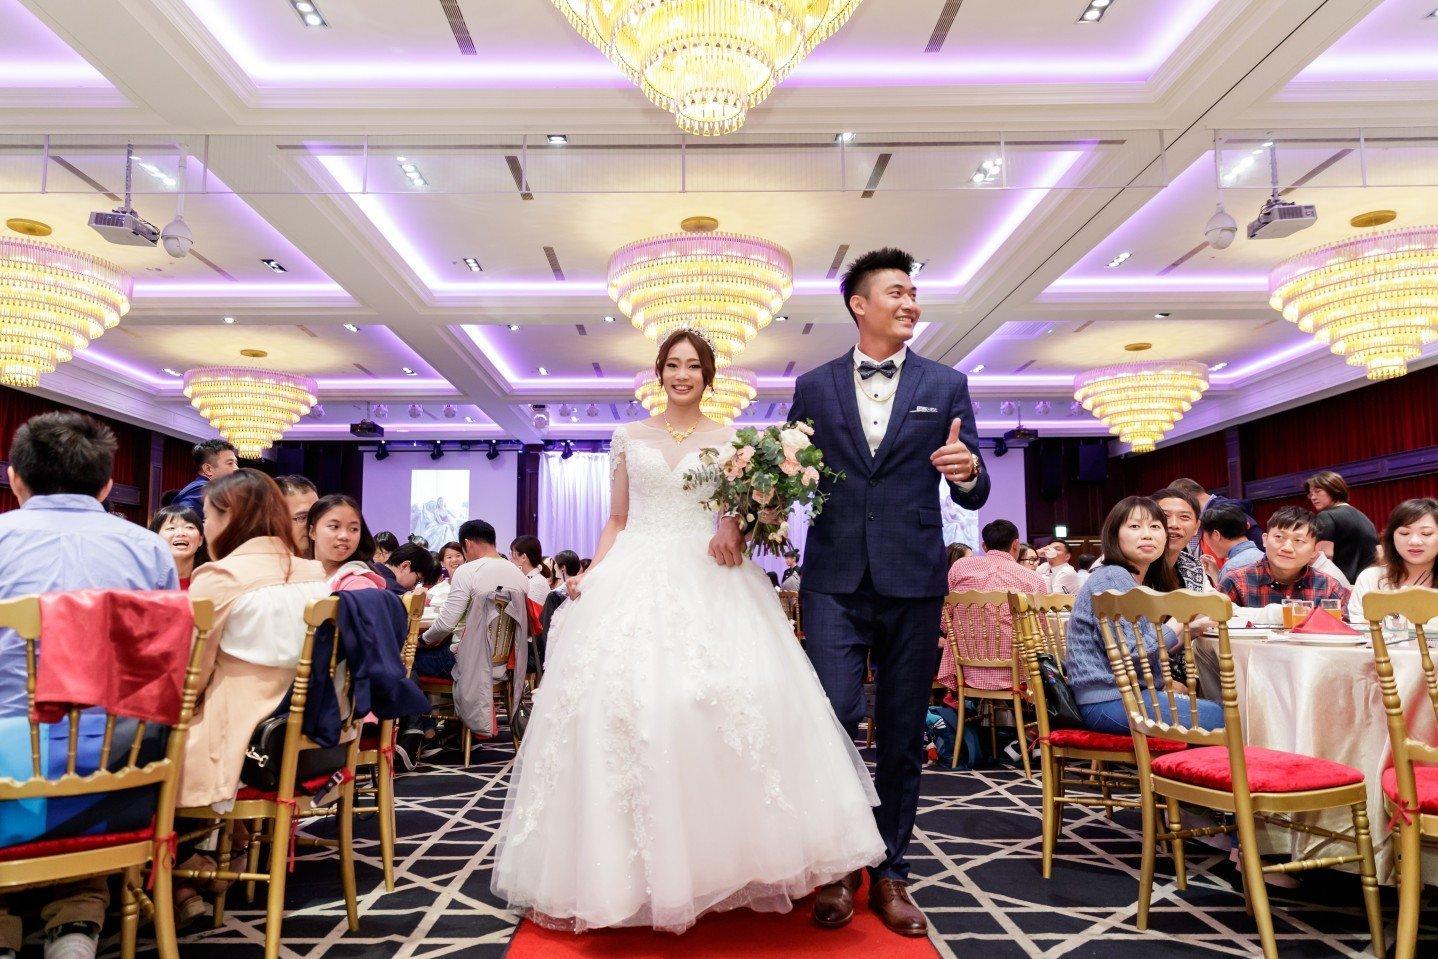 老新台菜婚禮攝影, 老新台菜婚攝,高雄婚攝森森,婚攝森森,婚攝推薦, 婚禮紀錄